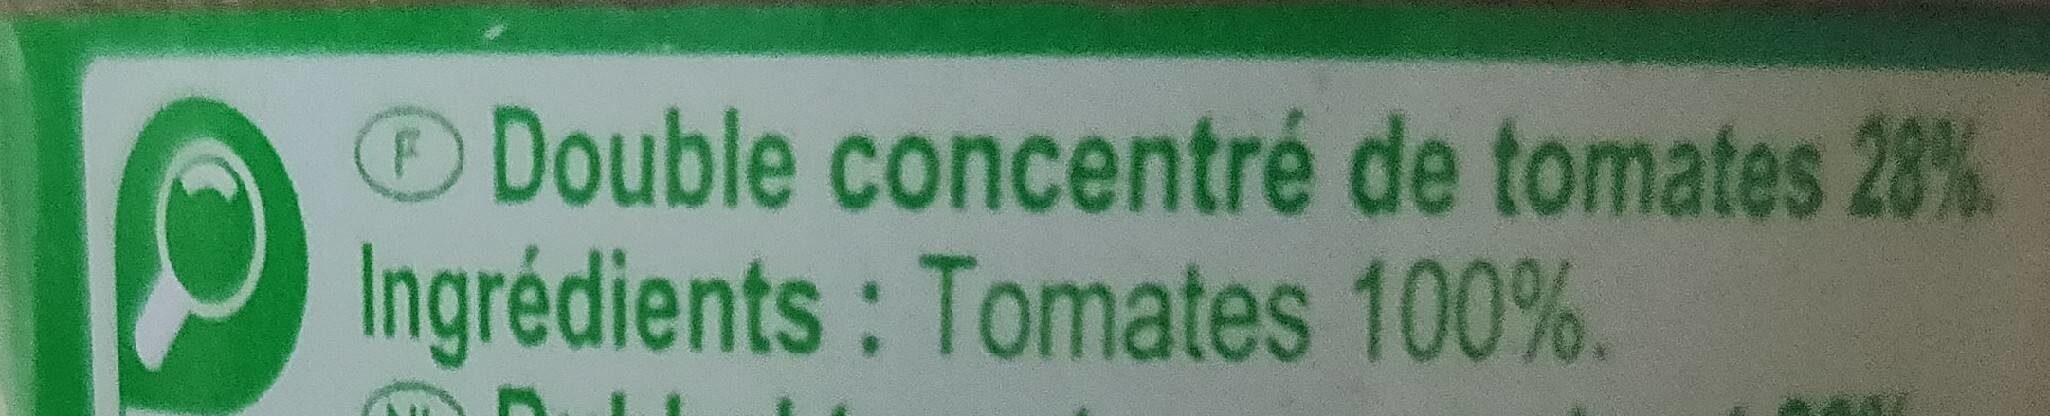 Double concentré de tomates - Ingrediënten - fr